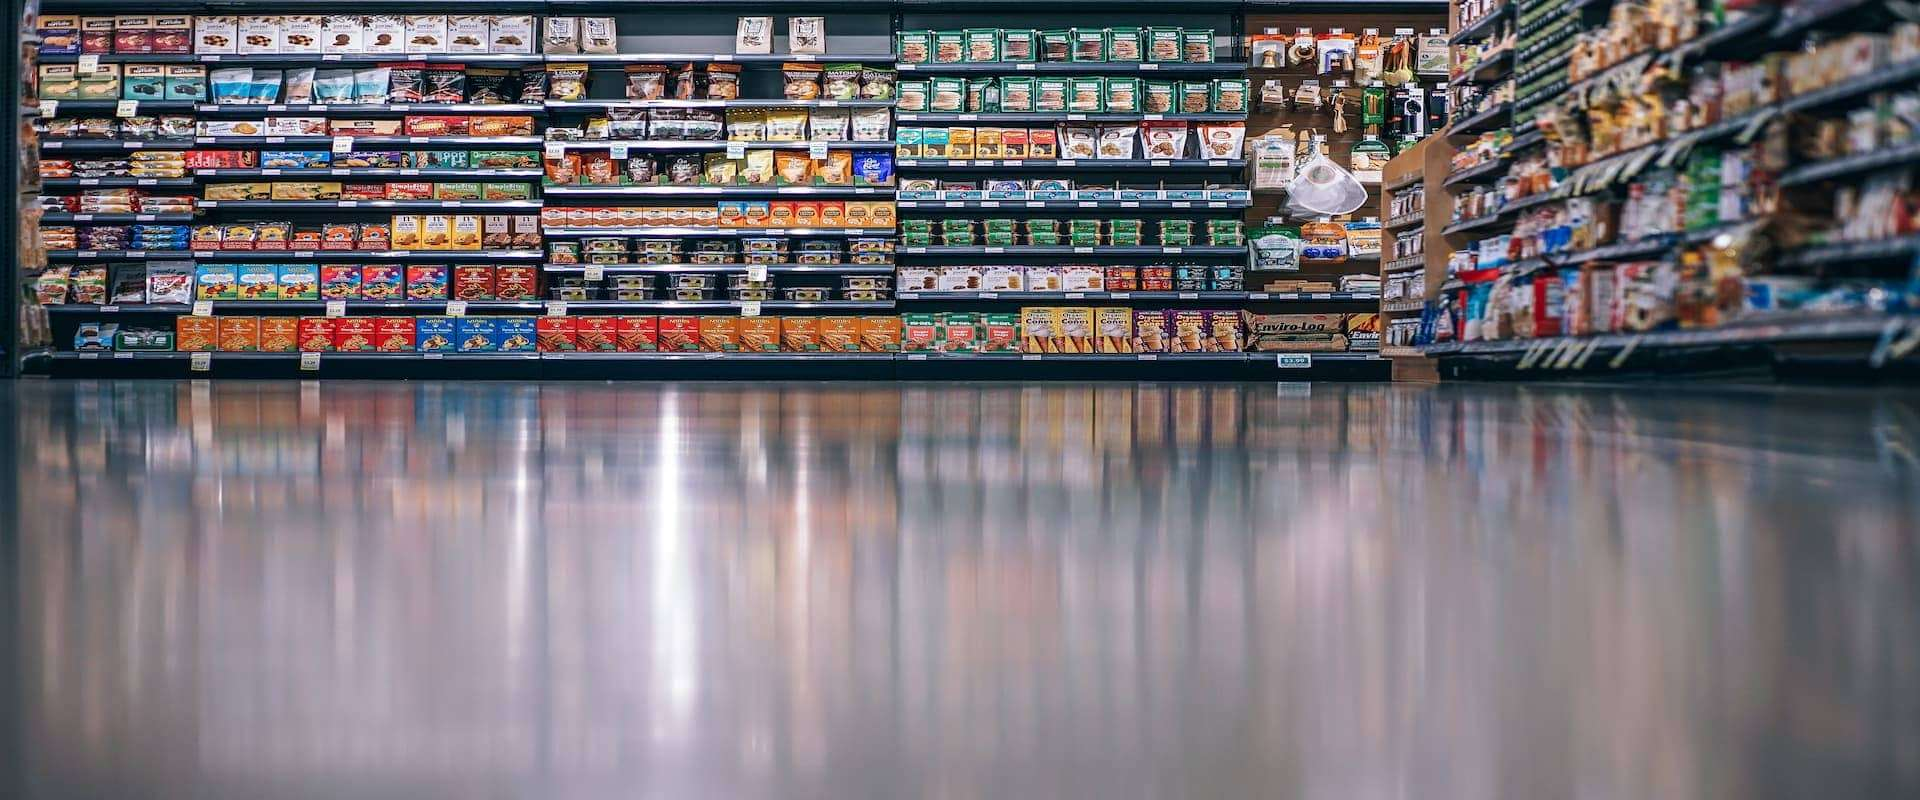 COSYS POS Software für den Lebensmittelhandel gibt Übersicht über Ihr Lager und MHDs